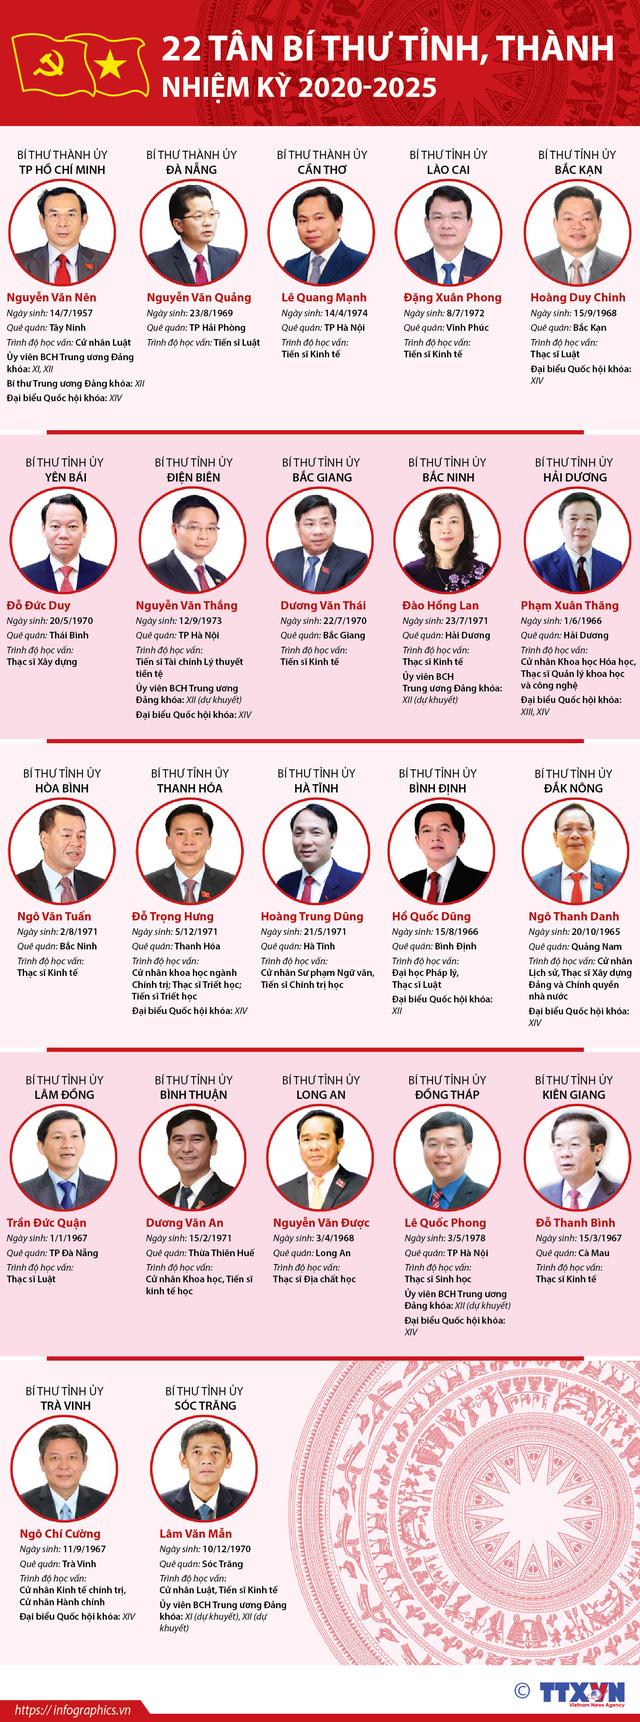 Chân dung 63 Bí thư Tỉnh ủy, Thành ủy nhiệm kỳ 2020-2025 - Ảnh 2.